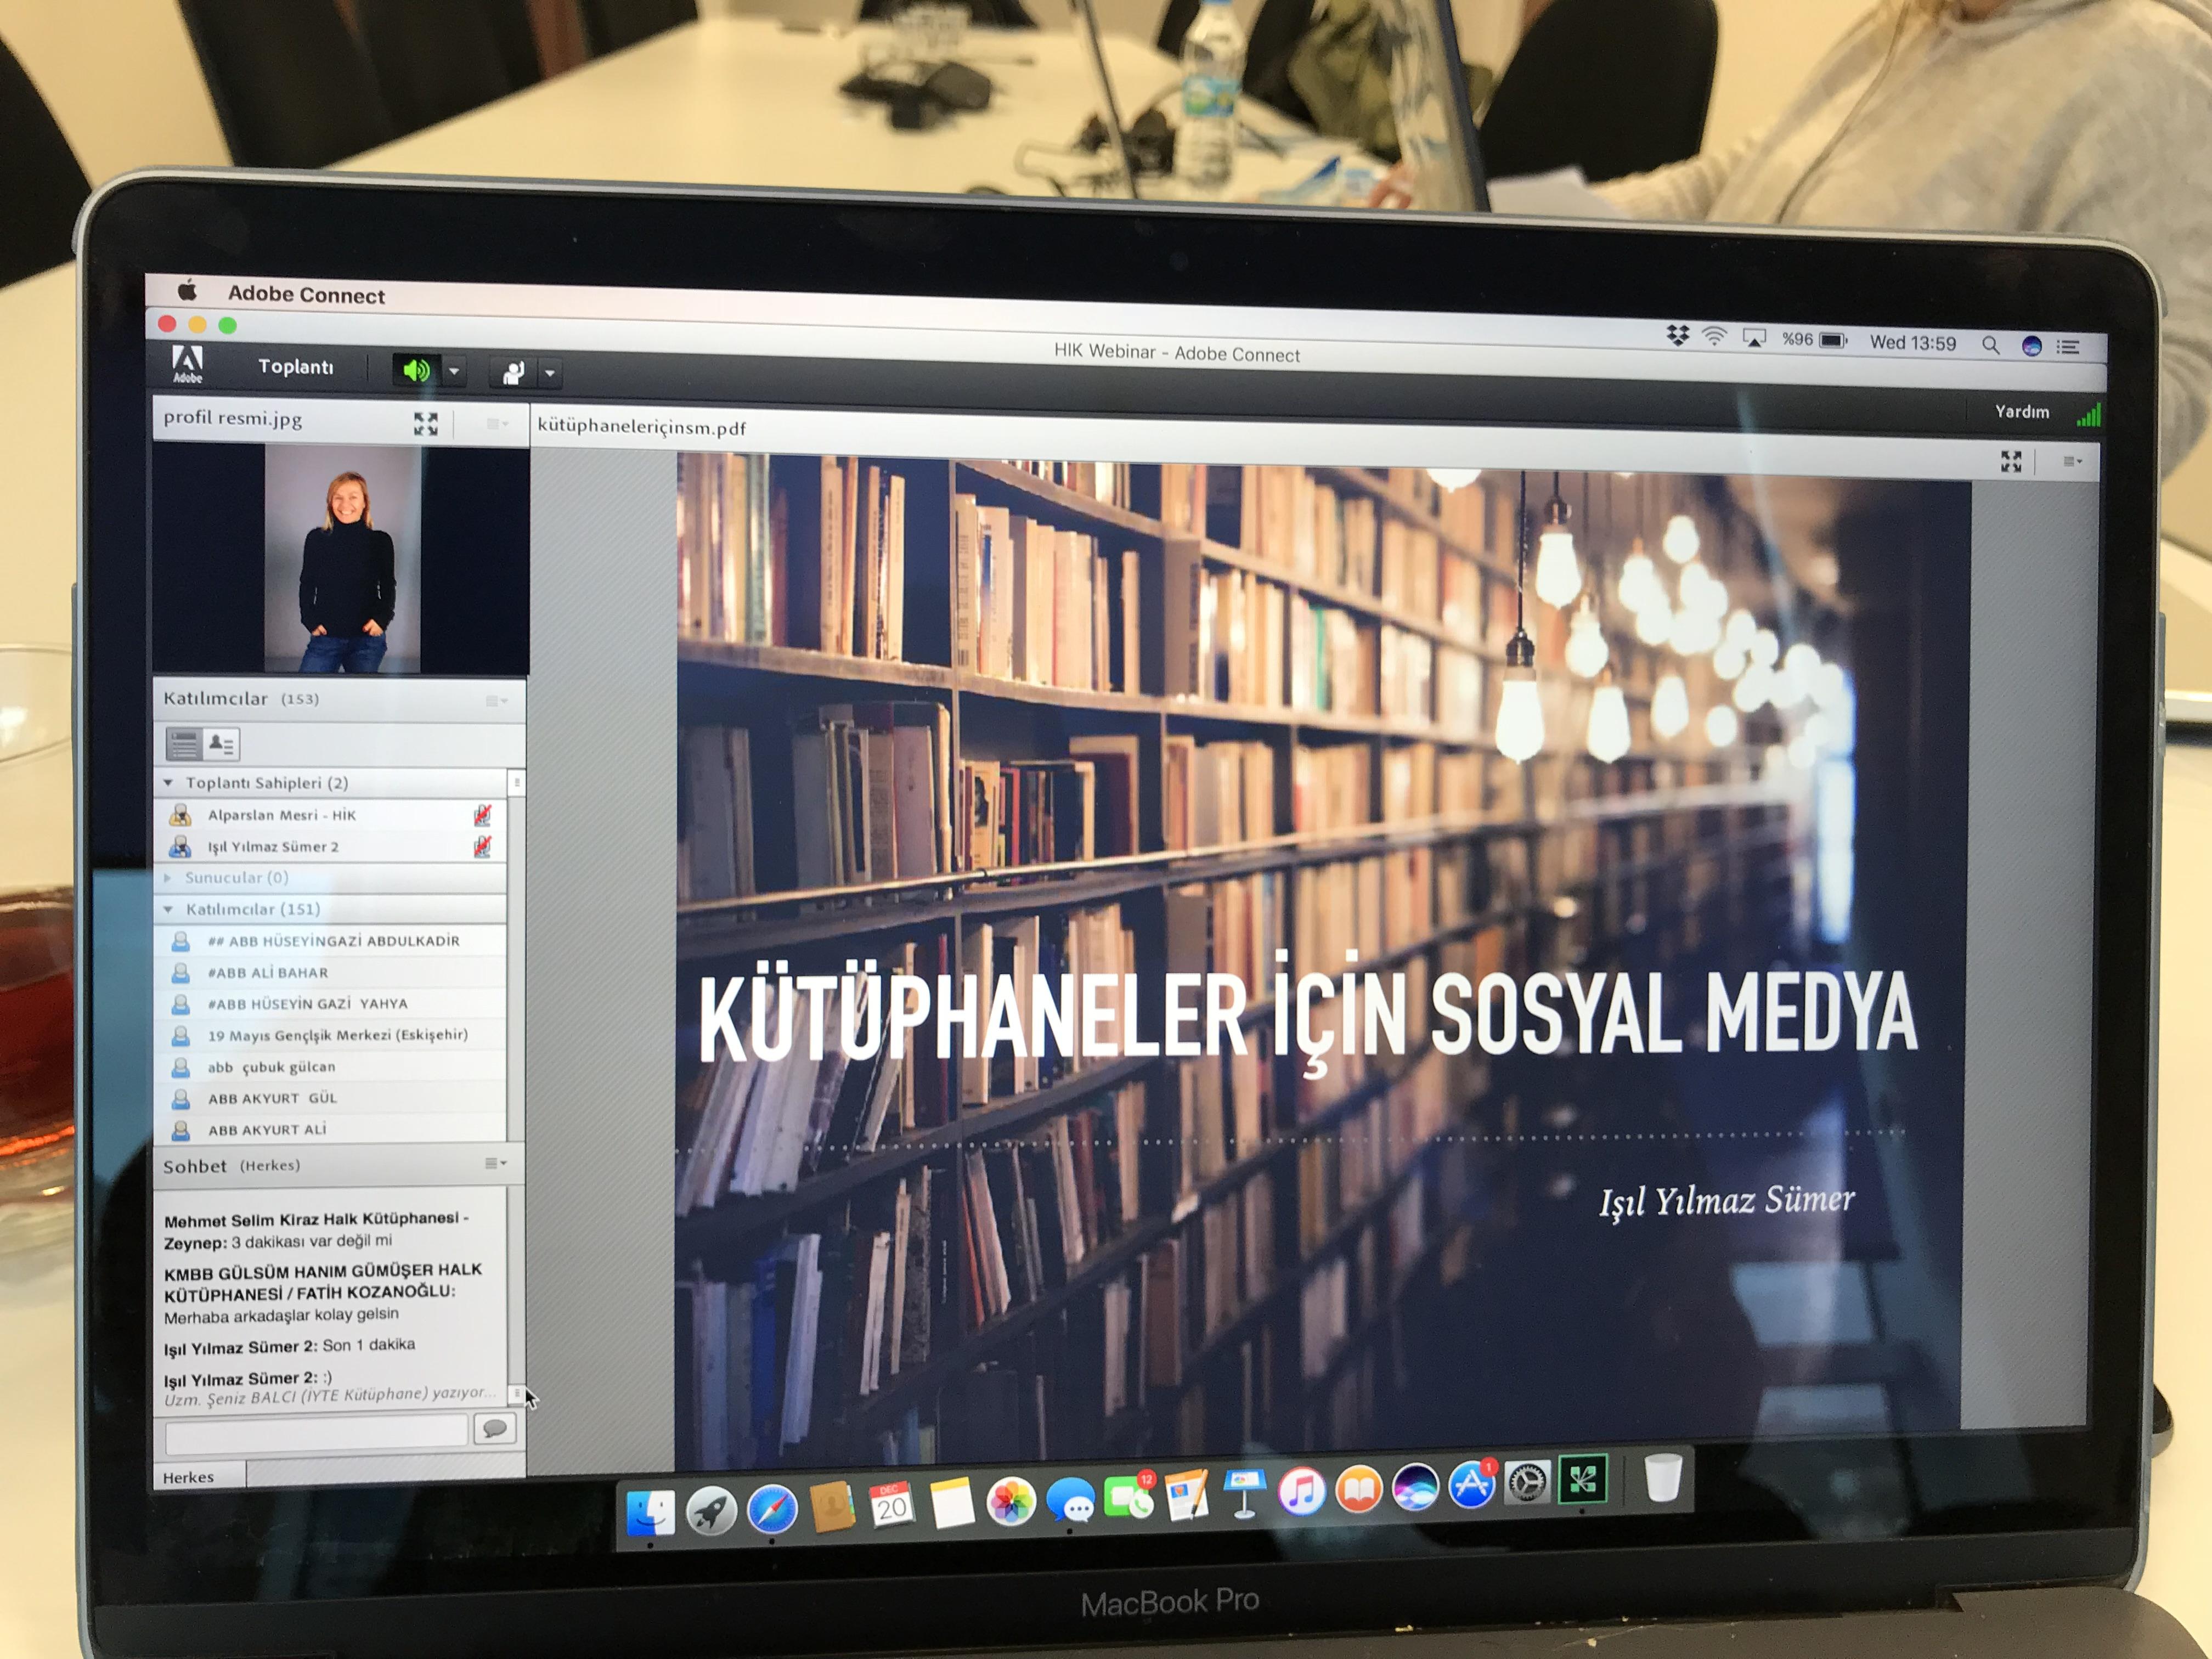 Kütüphaneler için Sosyal Medya